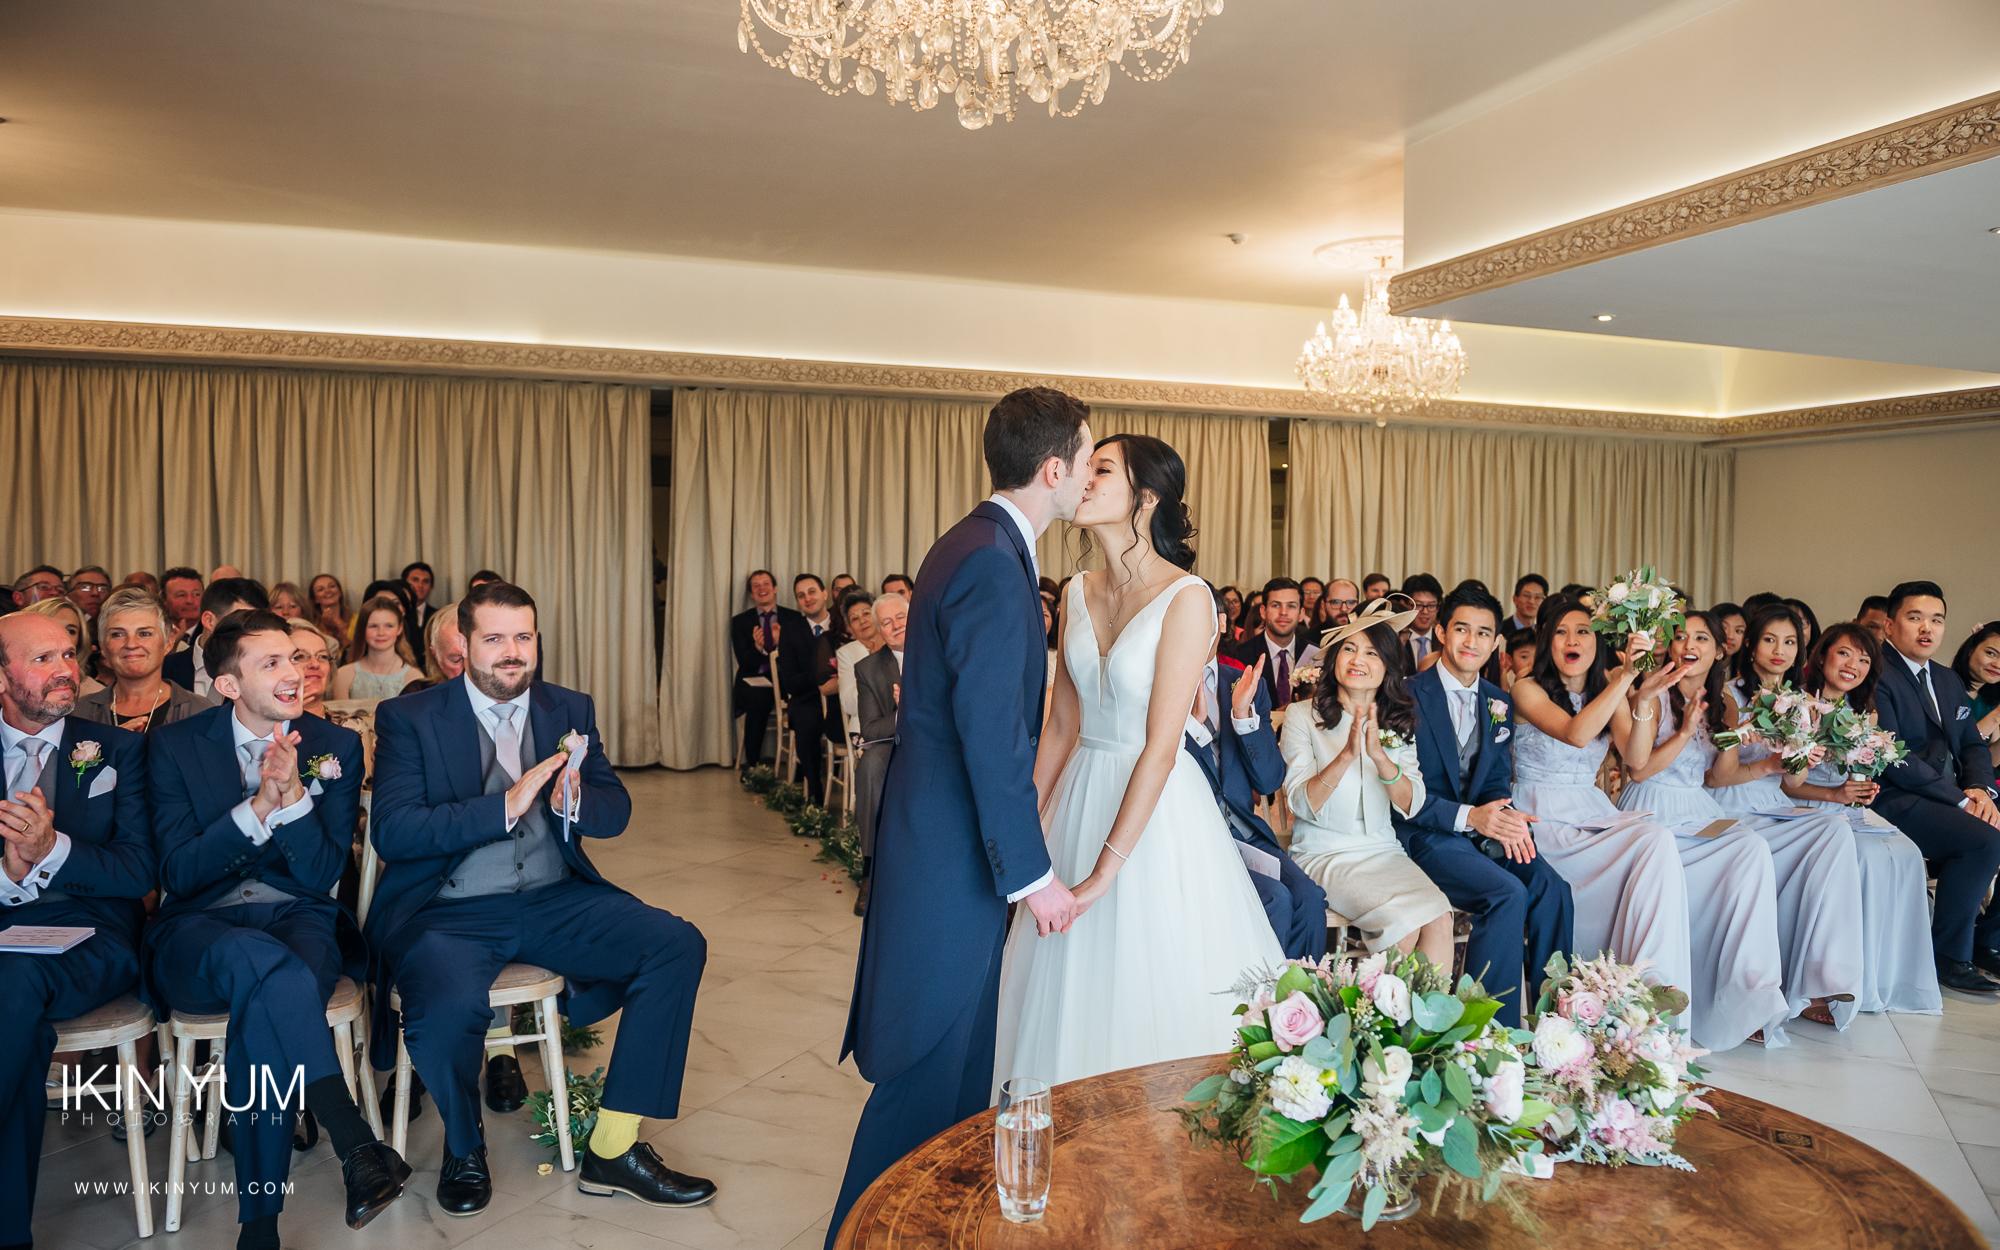 Nicola & Jonny Wedding Day - Ikin Yum Photography-075.jpg